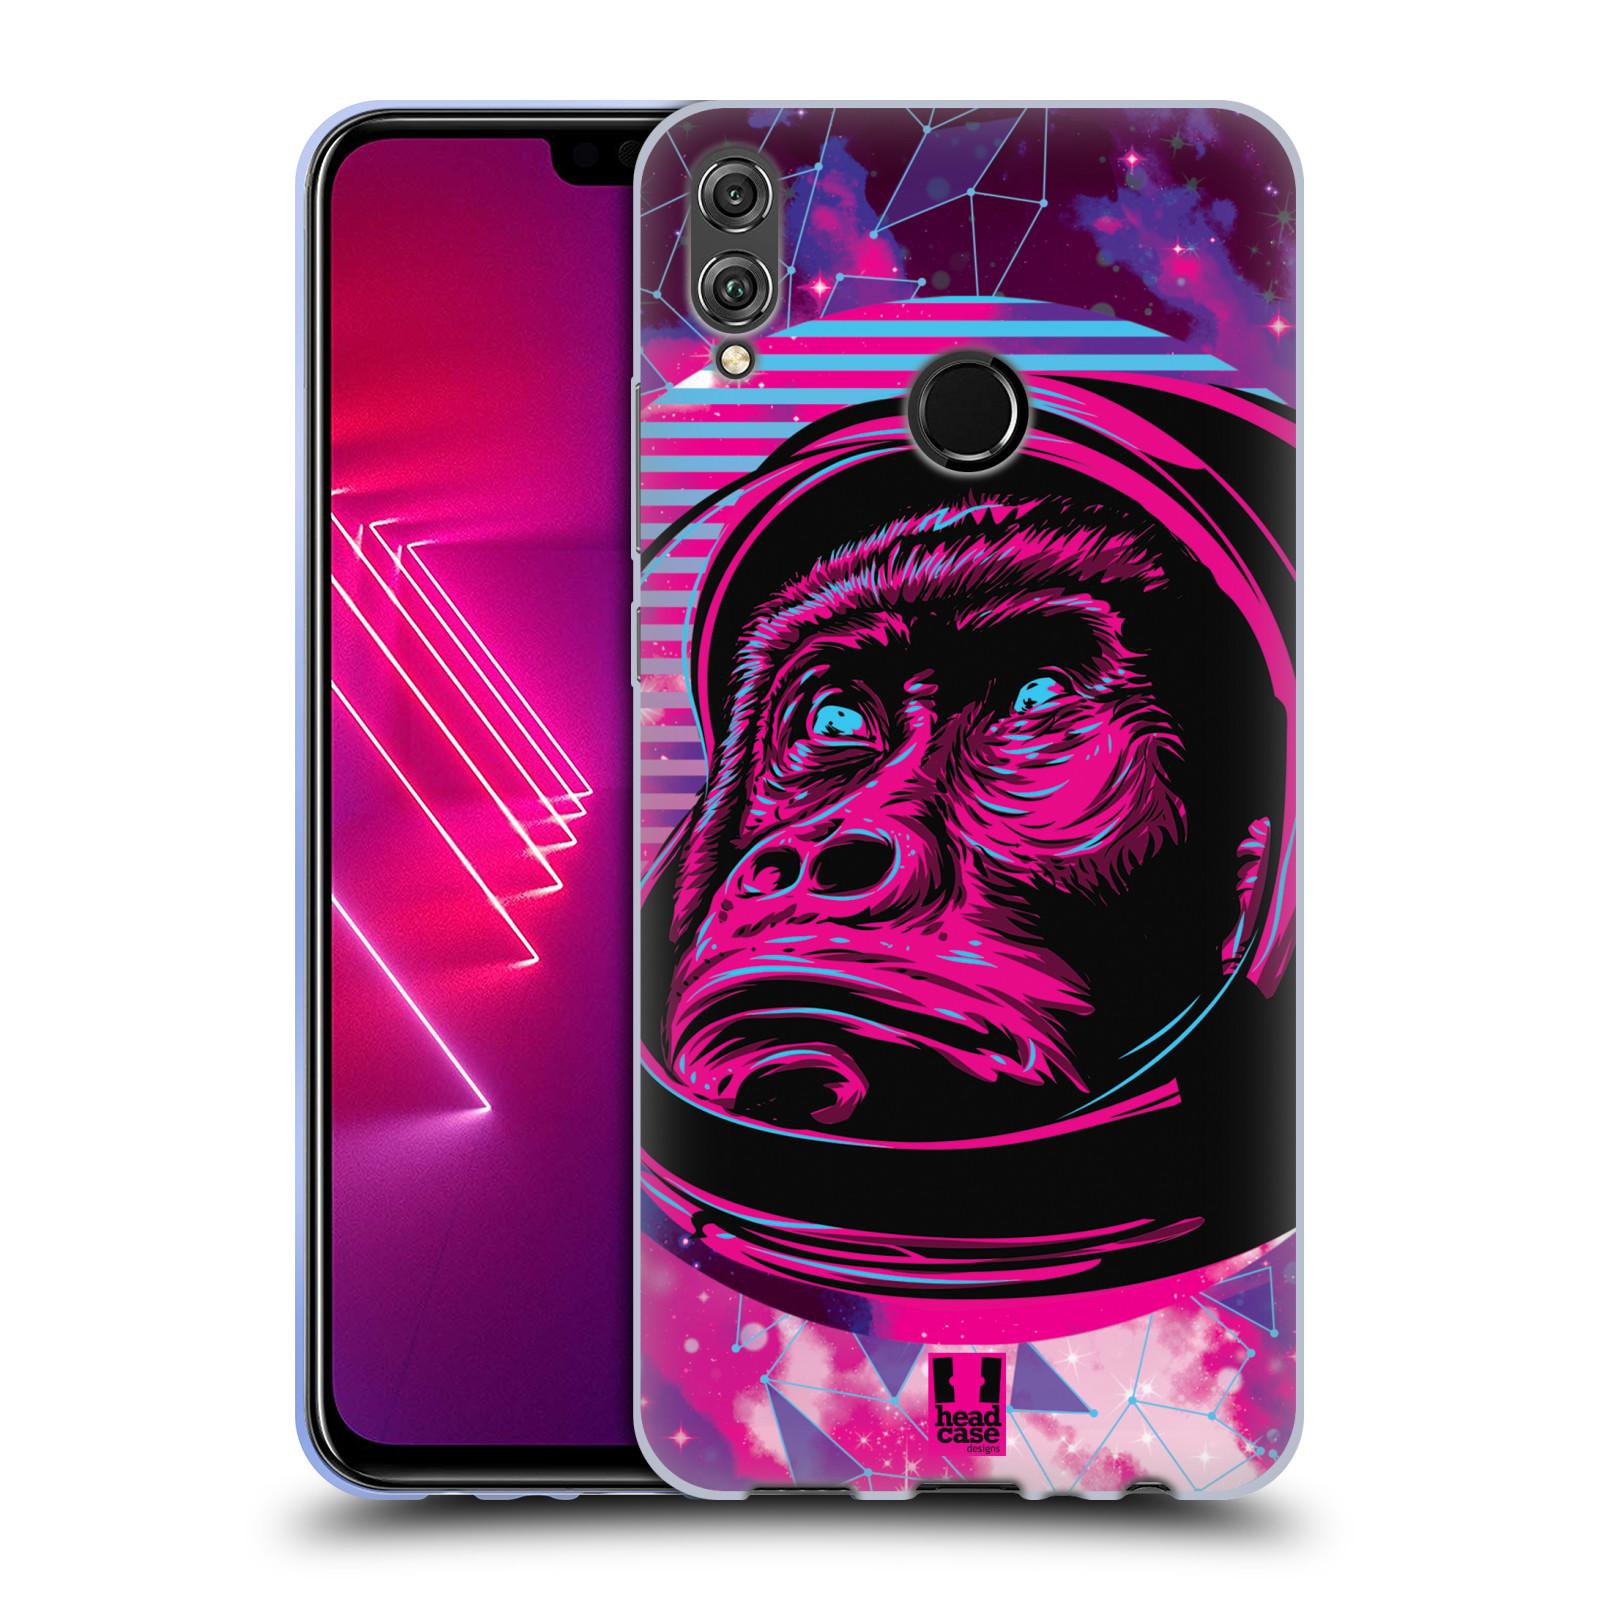 Silikonové pouzdro na mobil Honor View 10 Lite - Head Case - Gorila ve skafandru